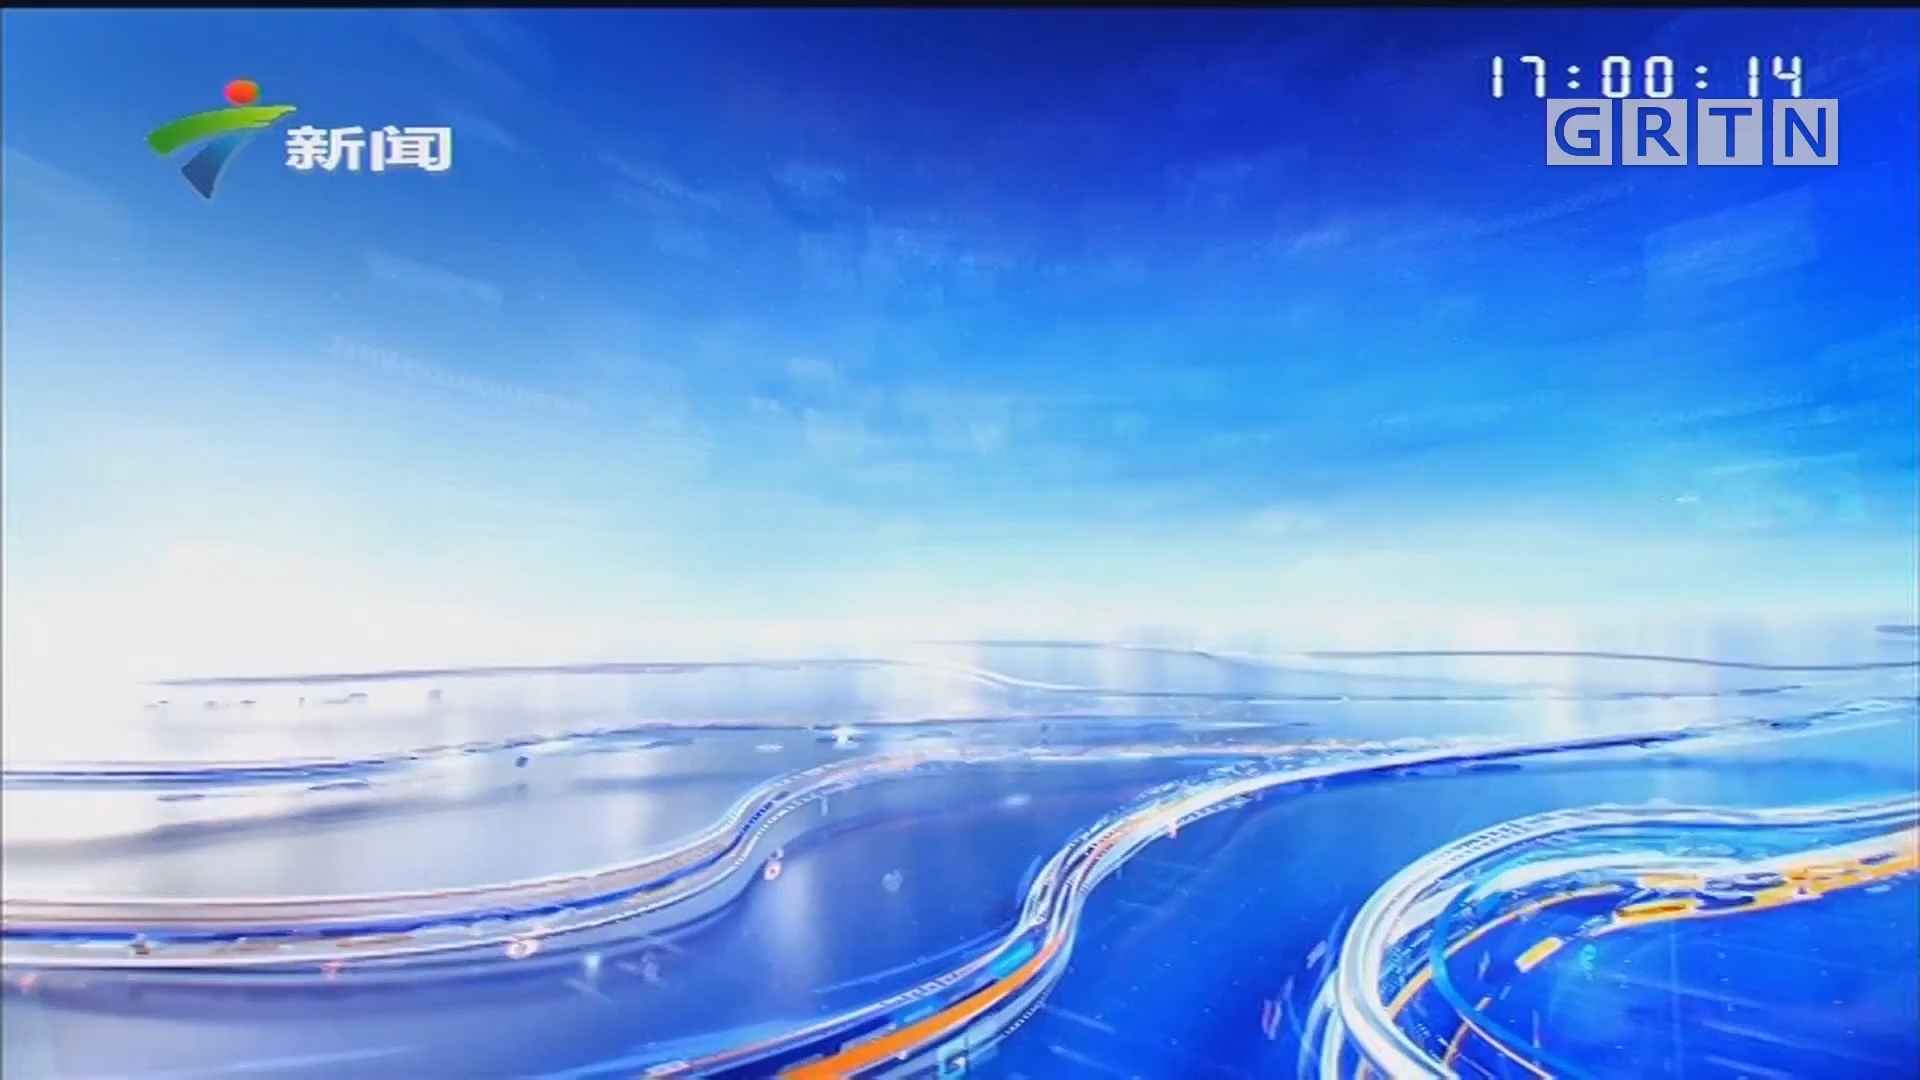 [HD][2019-06-25]直播广东:首届粤港澳大湾区文化艺术节正式开幕:三地共同唱响湾区美好未来